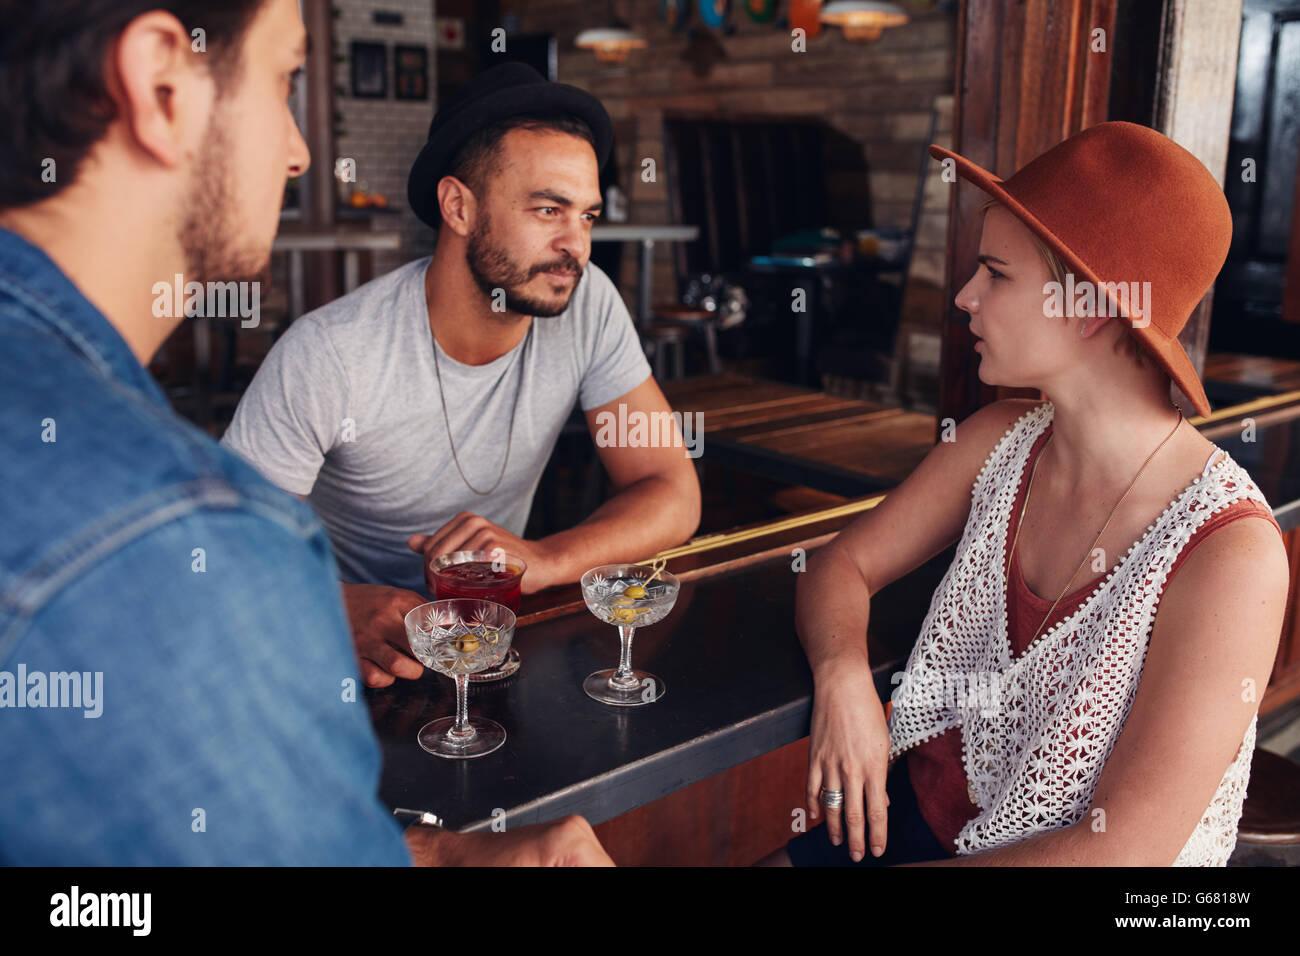 Groupe de jeunes amis assis et parler dans un café. Les jeunes hommes et de femmes réunis dans un café Photo Stock